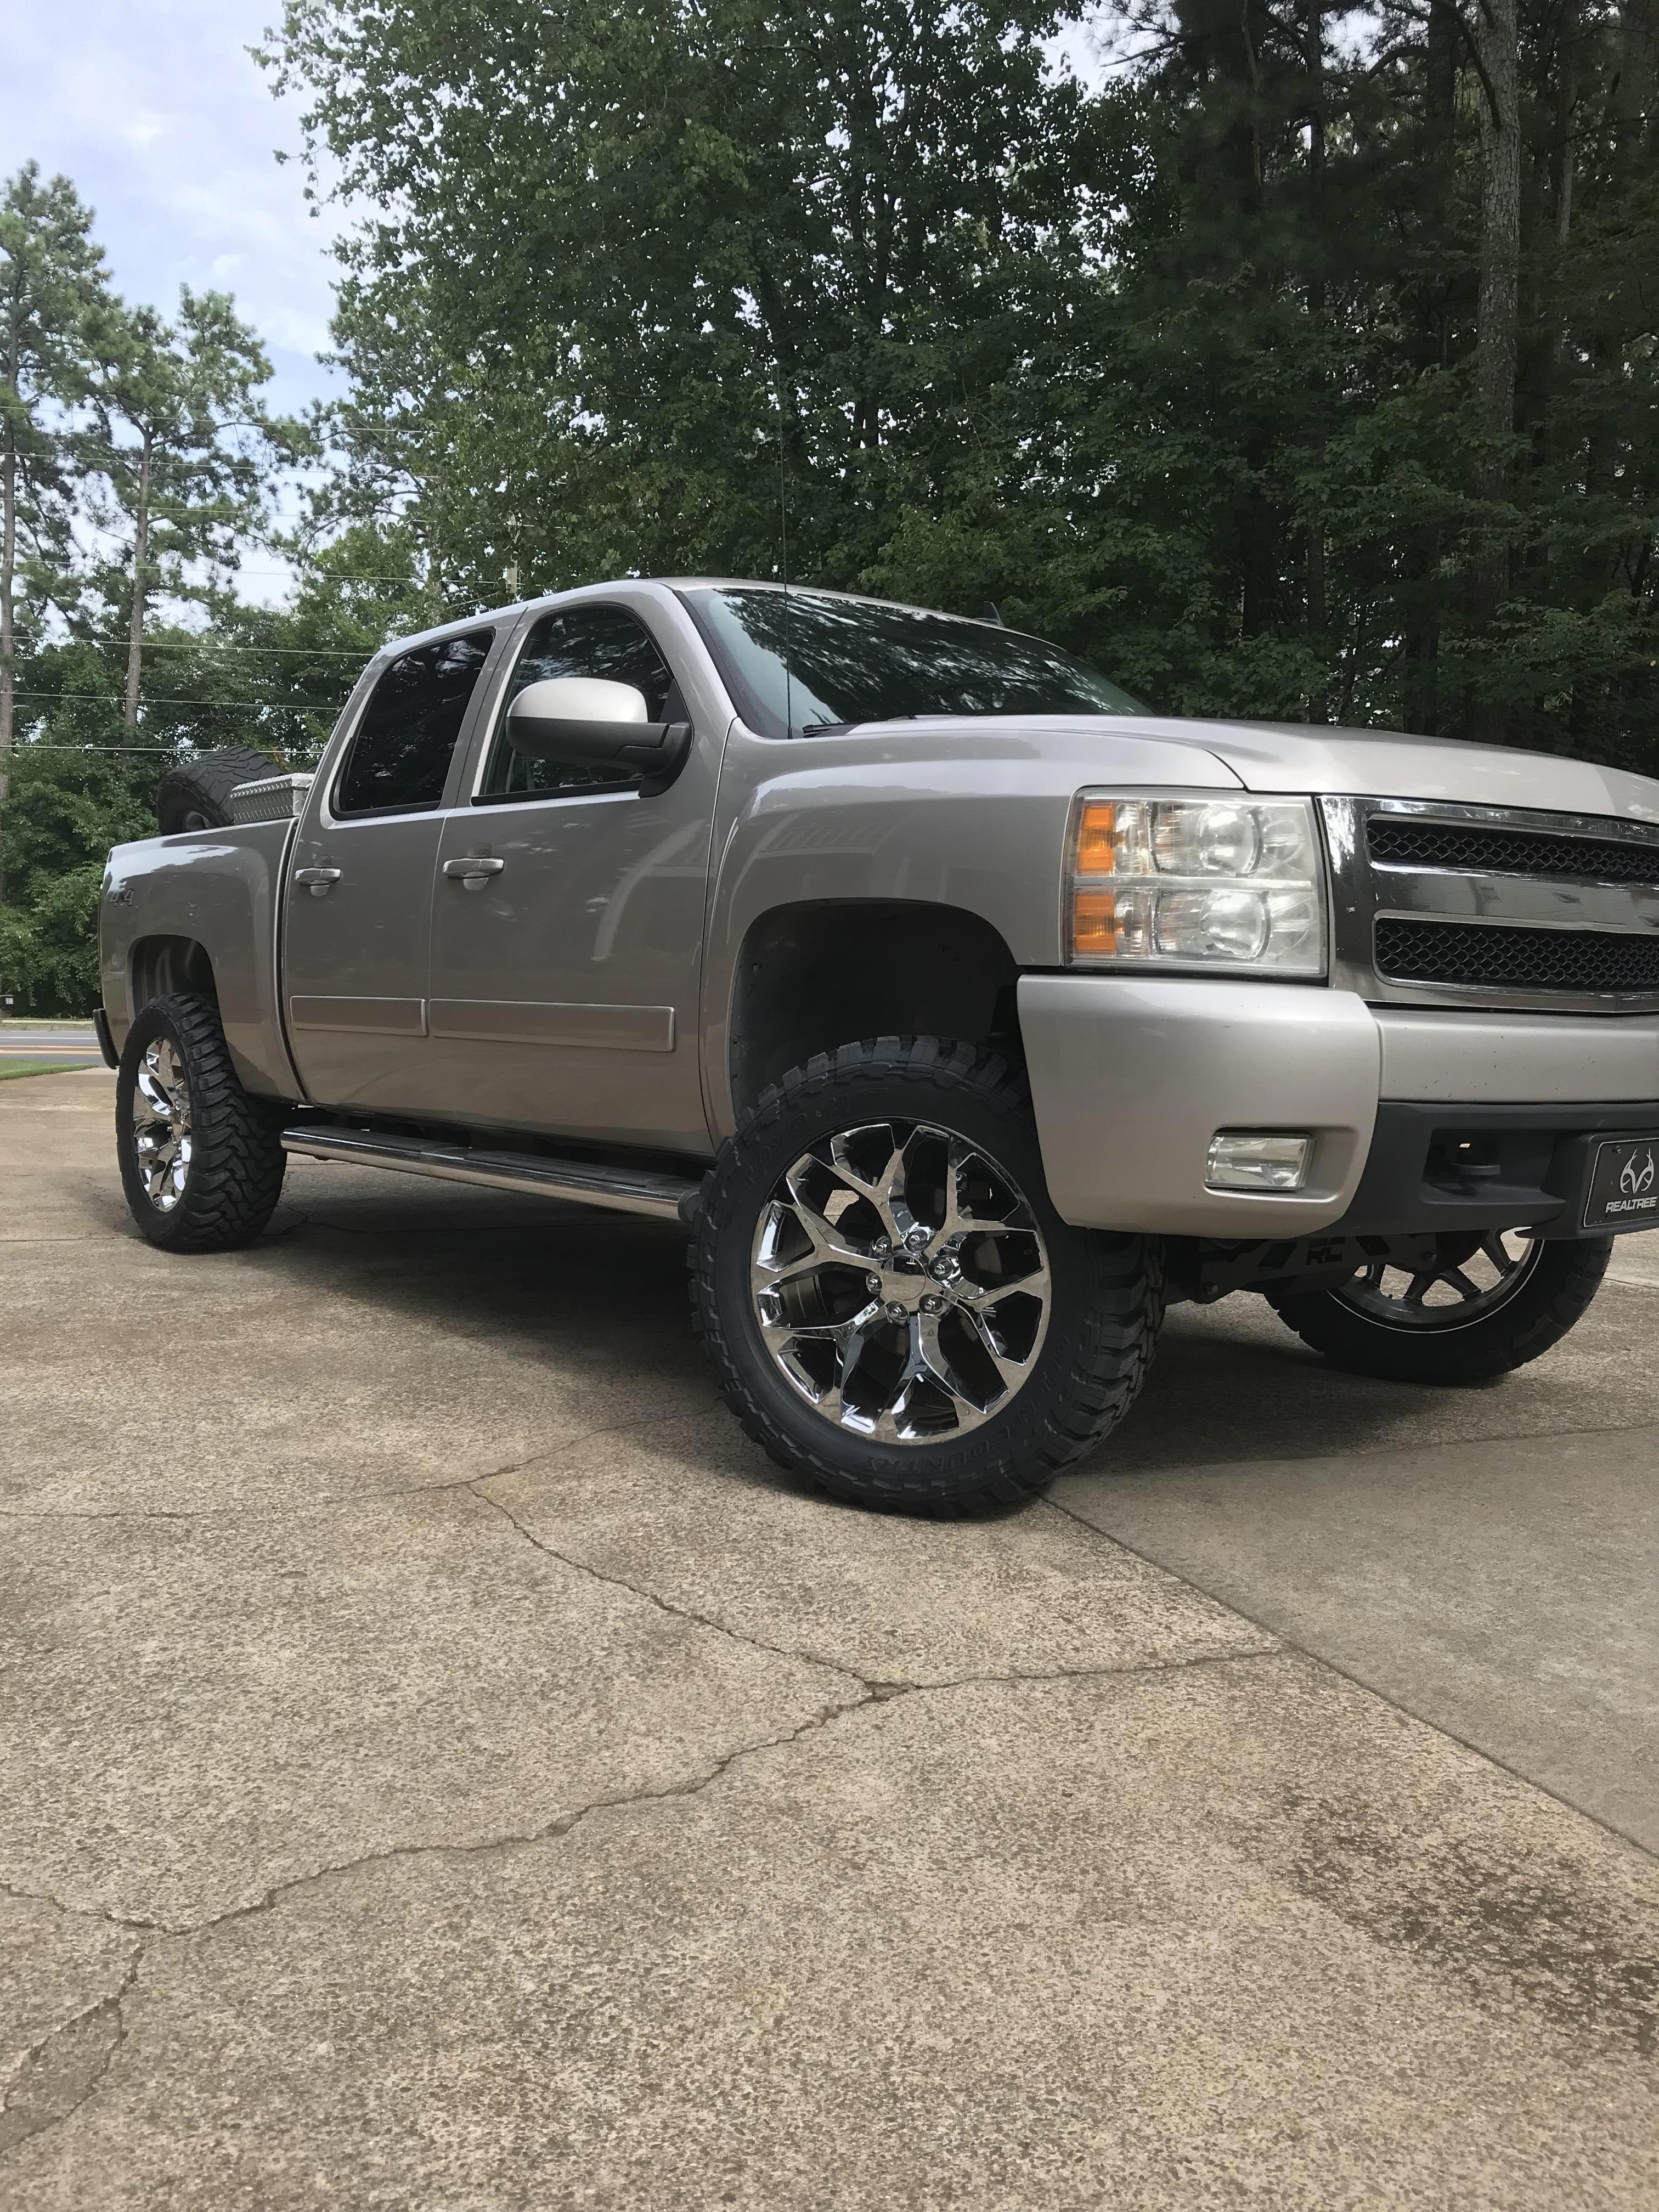 Fits Chevy Silverado Wheels Cv98 Snowflake Rims 22x9 Chrome Silverado Rims I In 2020 Silverado Wheels Silverado Rims Silverado